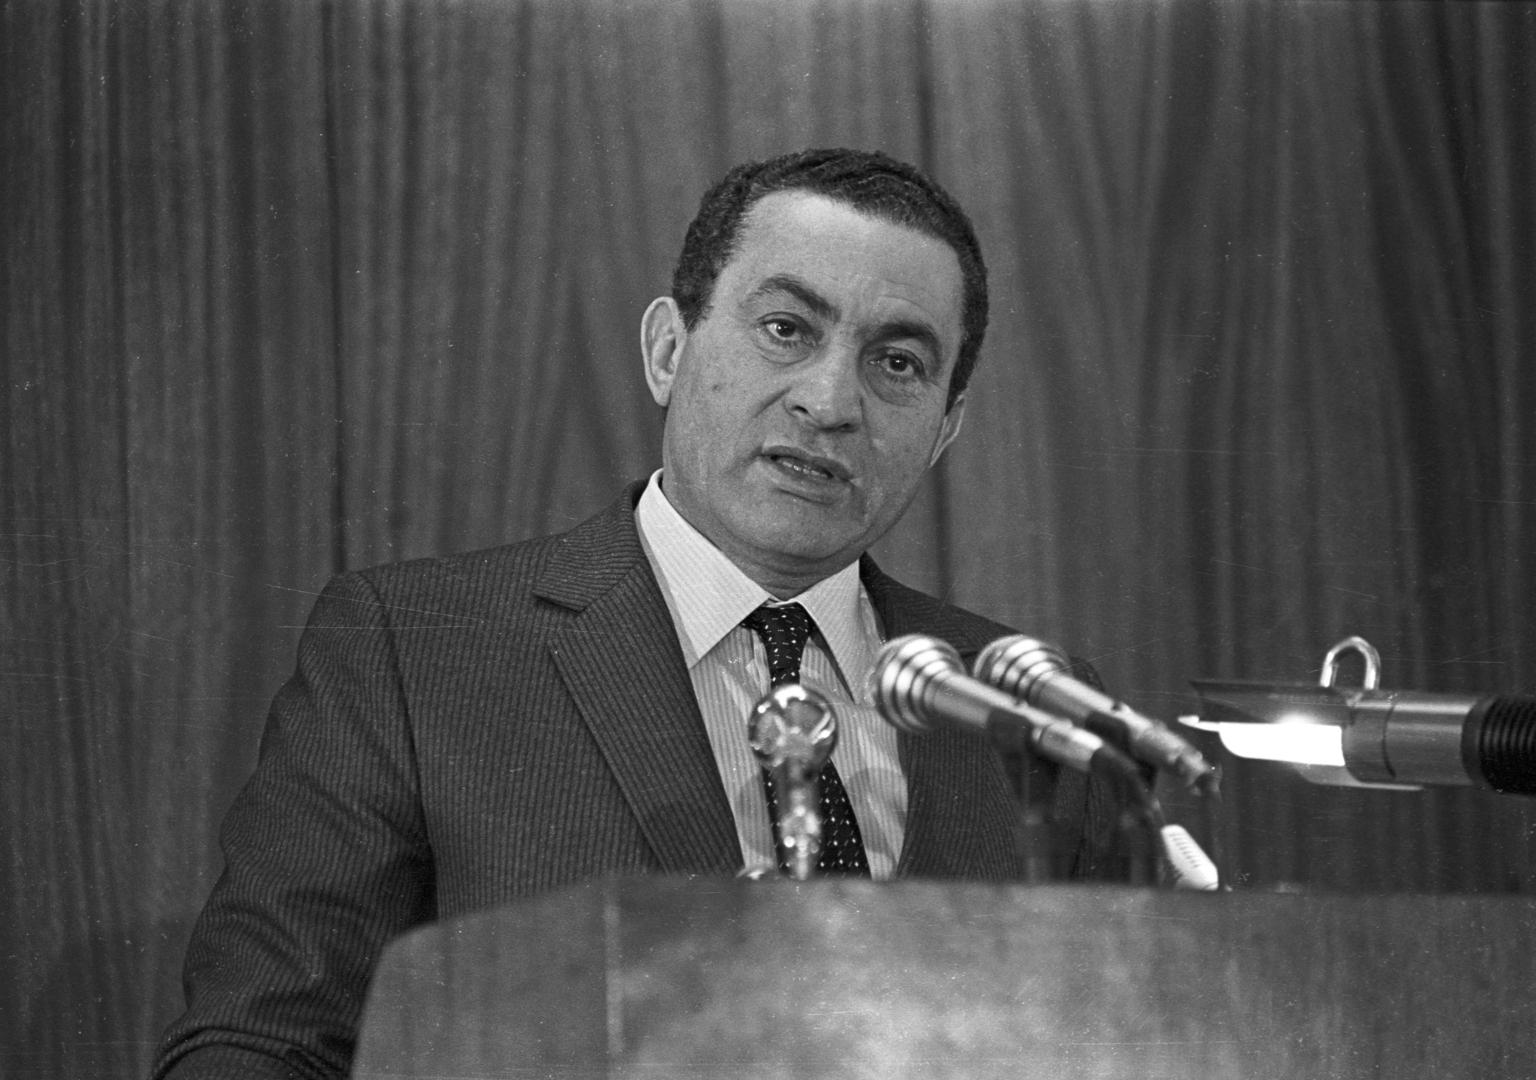 رغم الظروف.. مبارك رفض طلبا من لندن للعفو عن بريطانيين مدانين بتهريب المخدرات